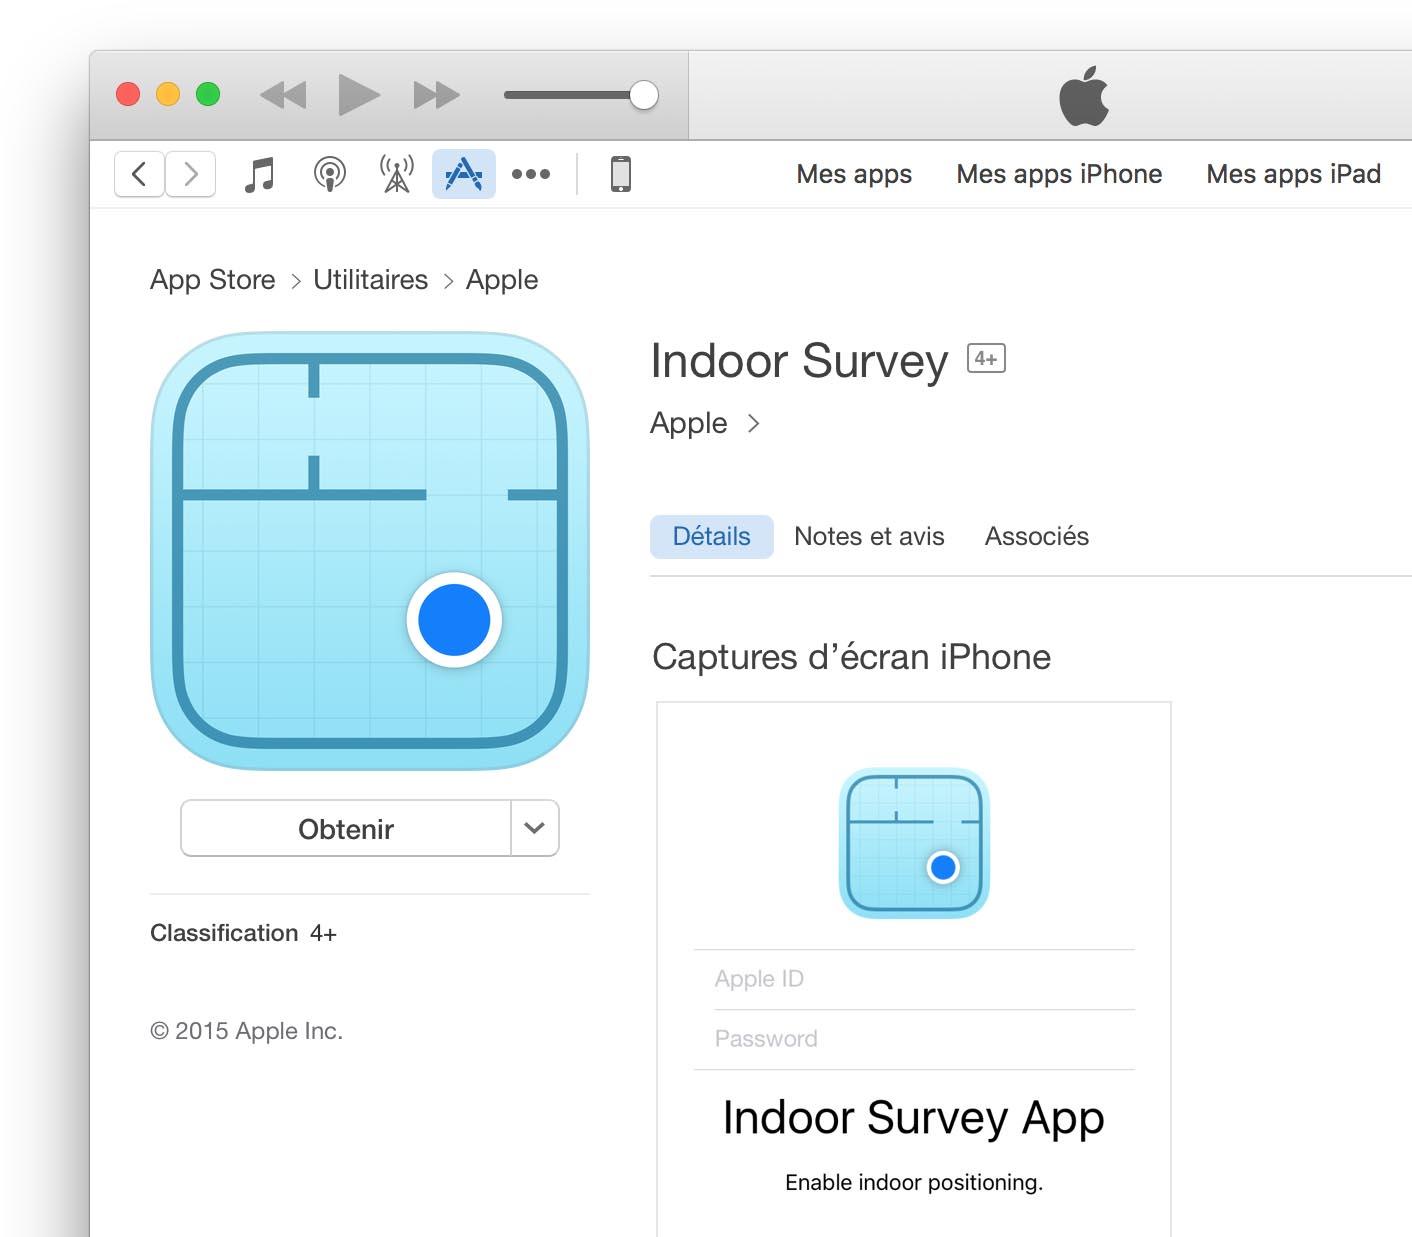 Indoor Survey iTunes App